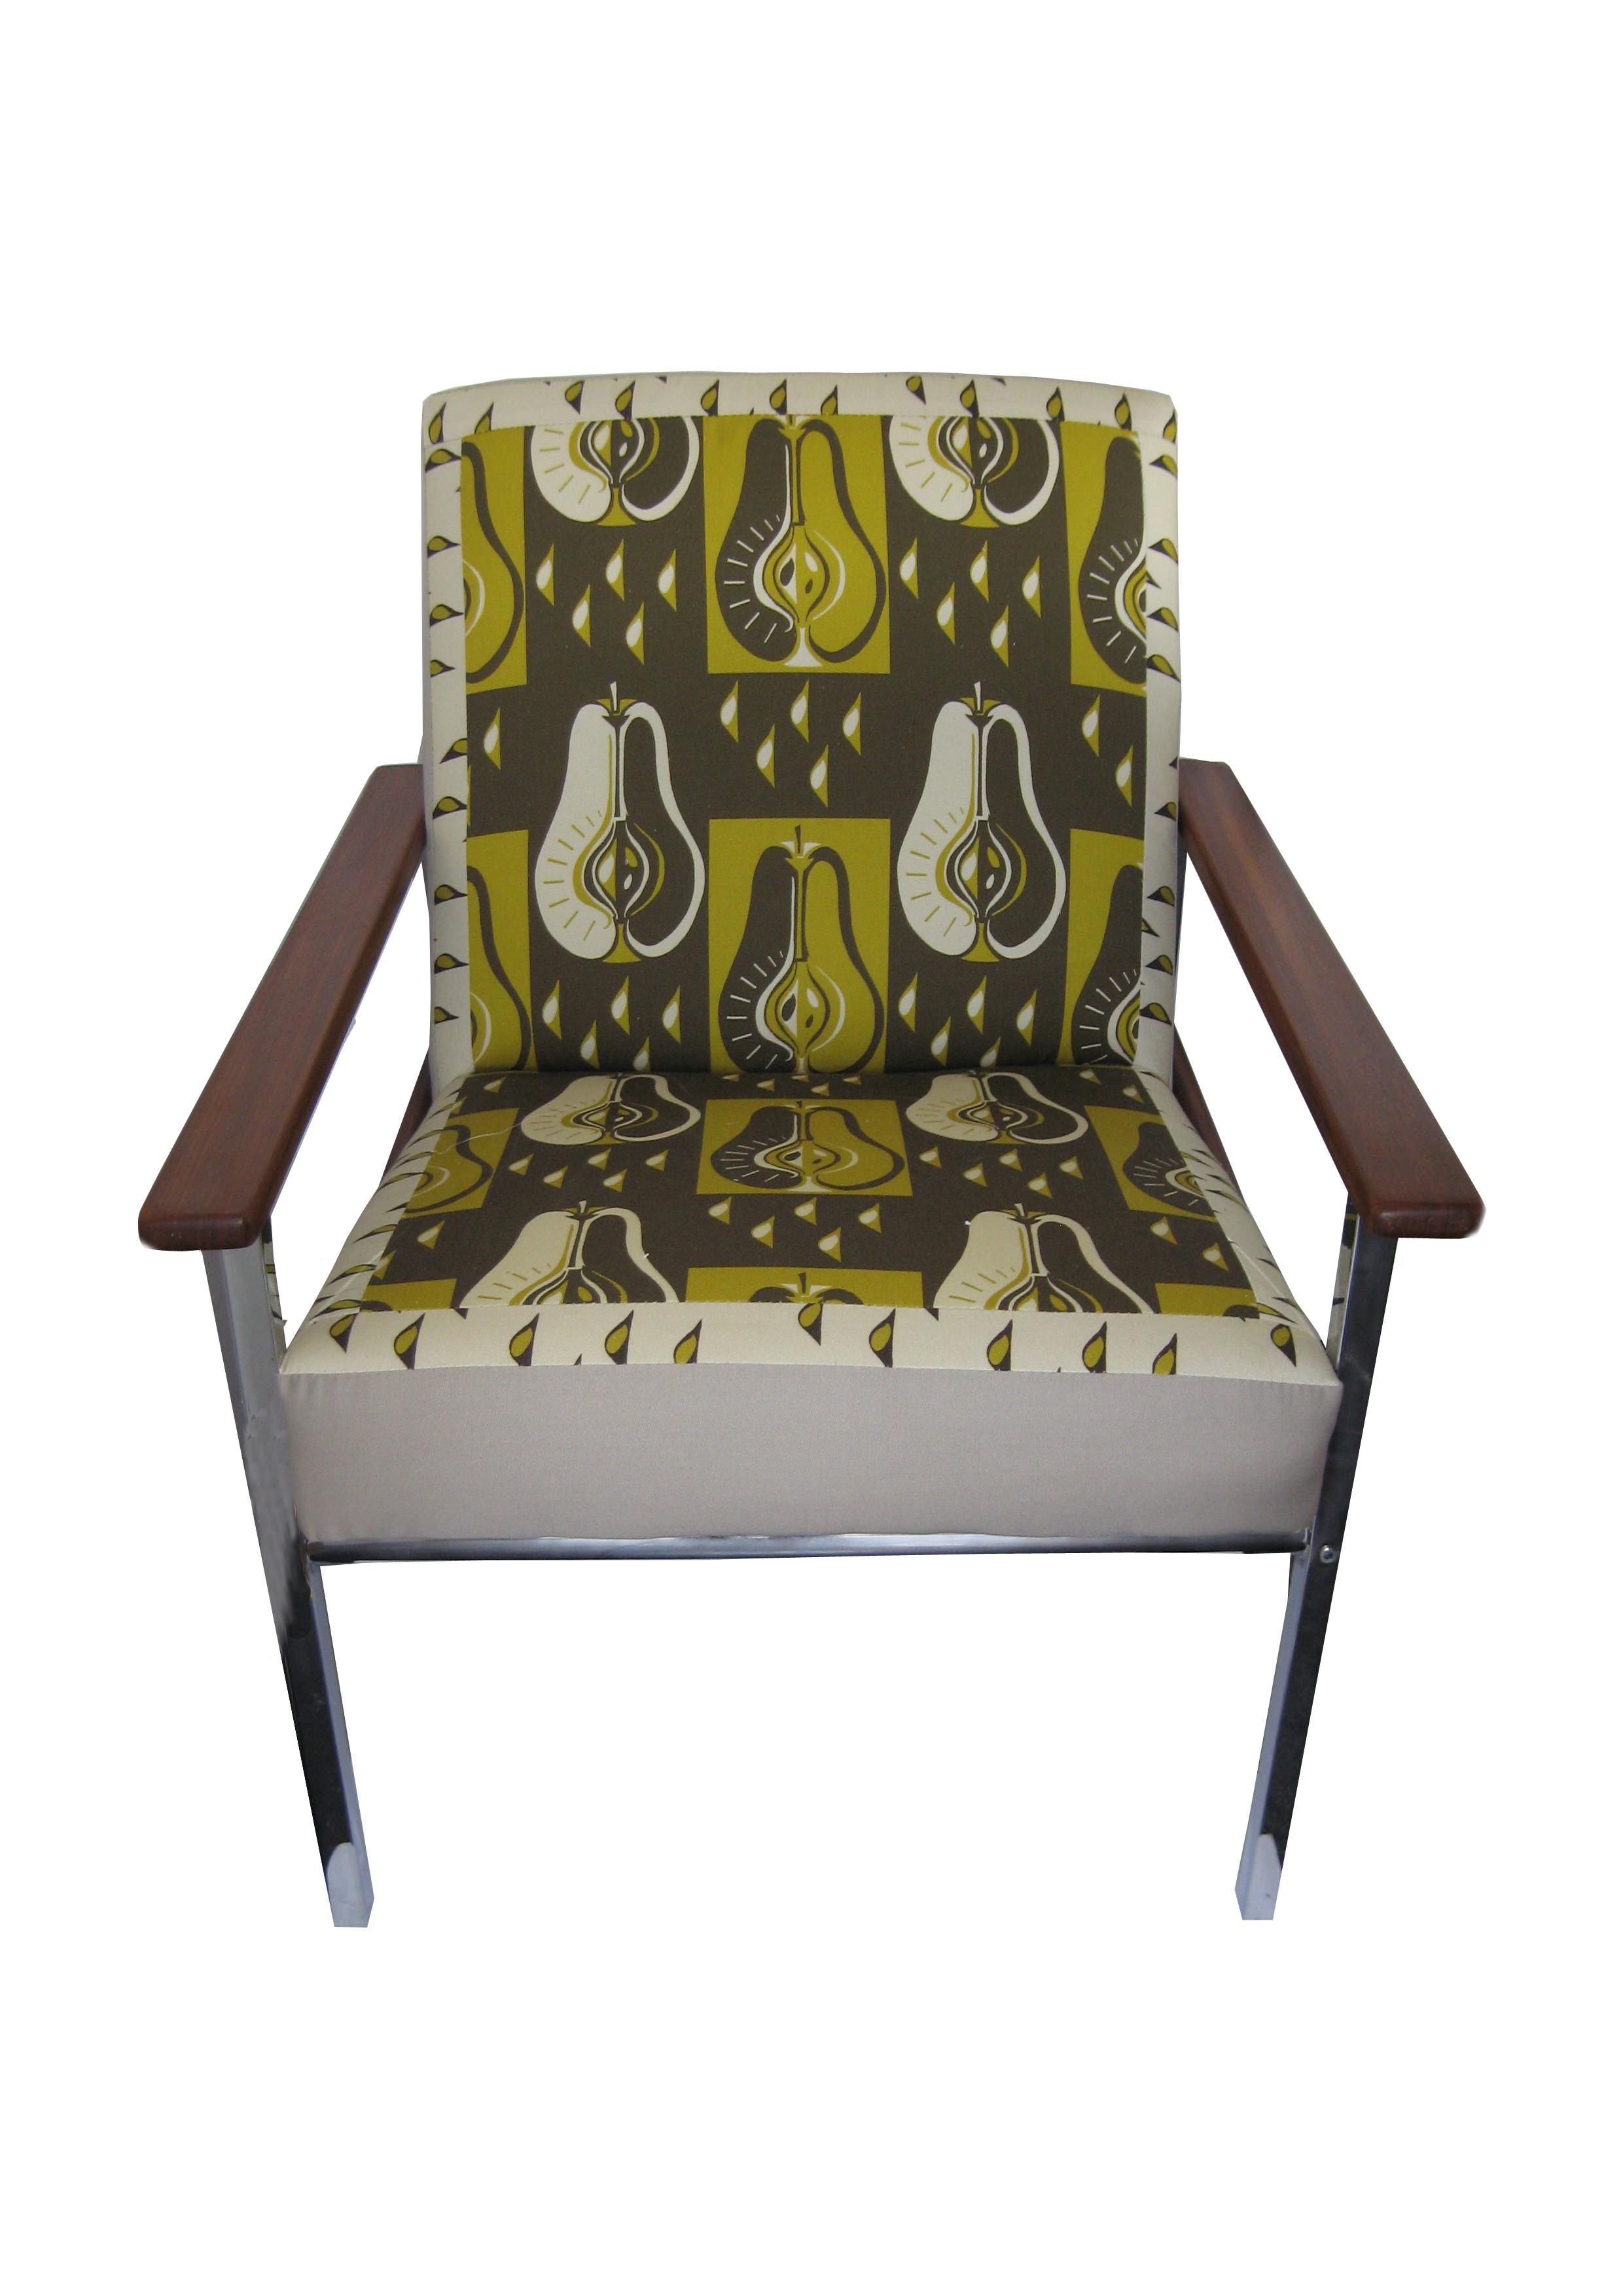 retr chair in pear green fabric.jpg